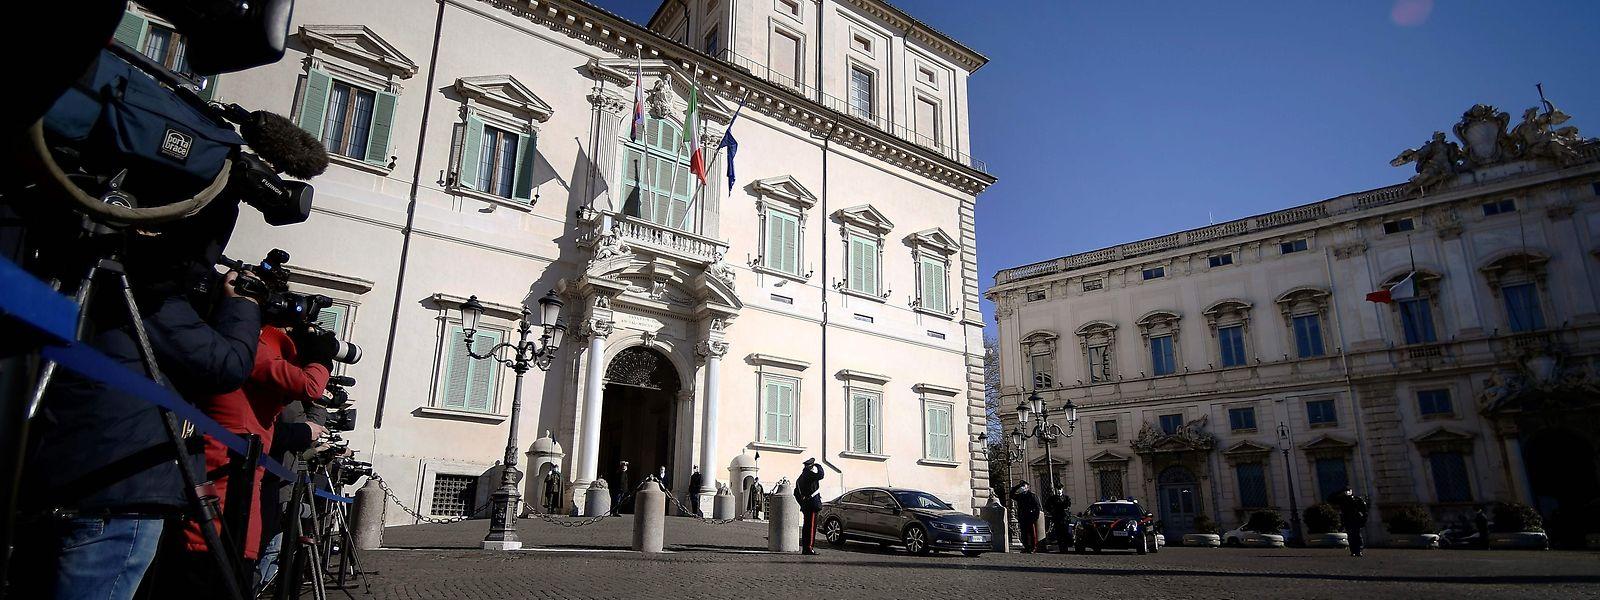 Der weitere Verlauf der Regierungskrise entscheidet sich nun im Präsidentenpalast in Rom, wo Guiseppe Conte hofft, erneut den Auftrag zur Regierungsbildung zu erhalten.